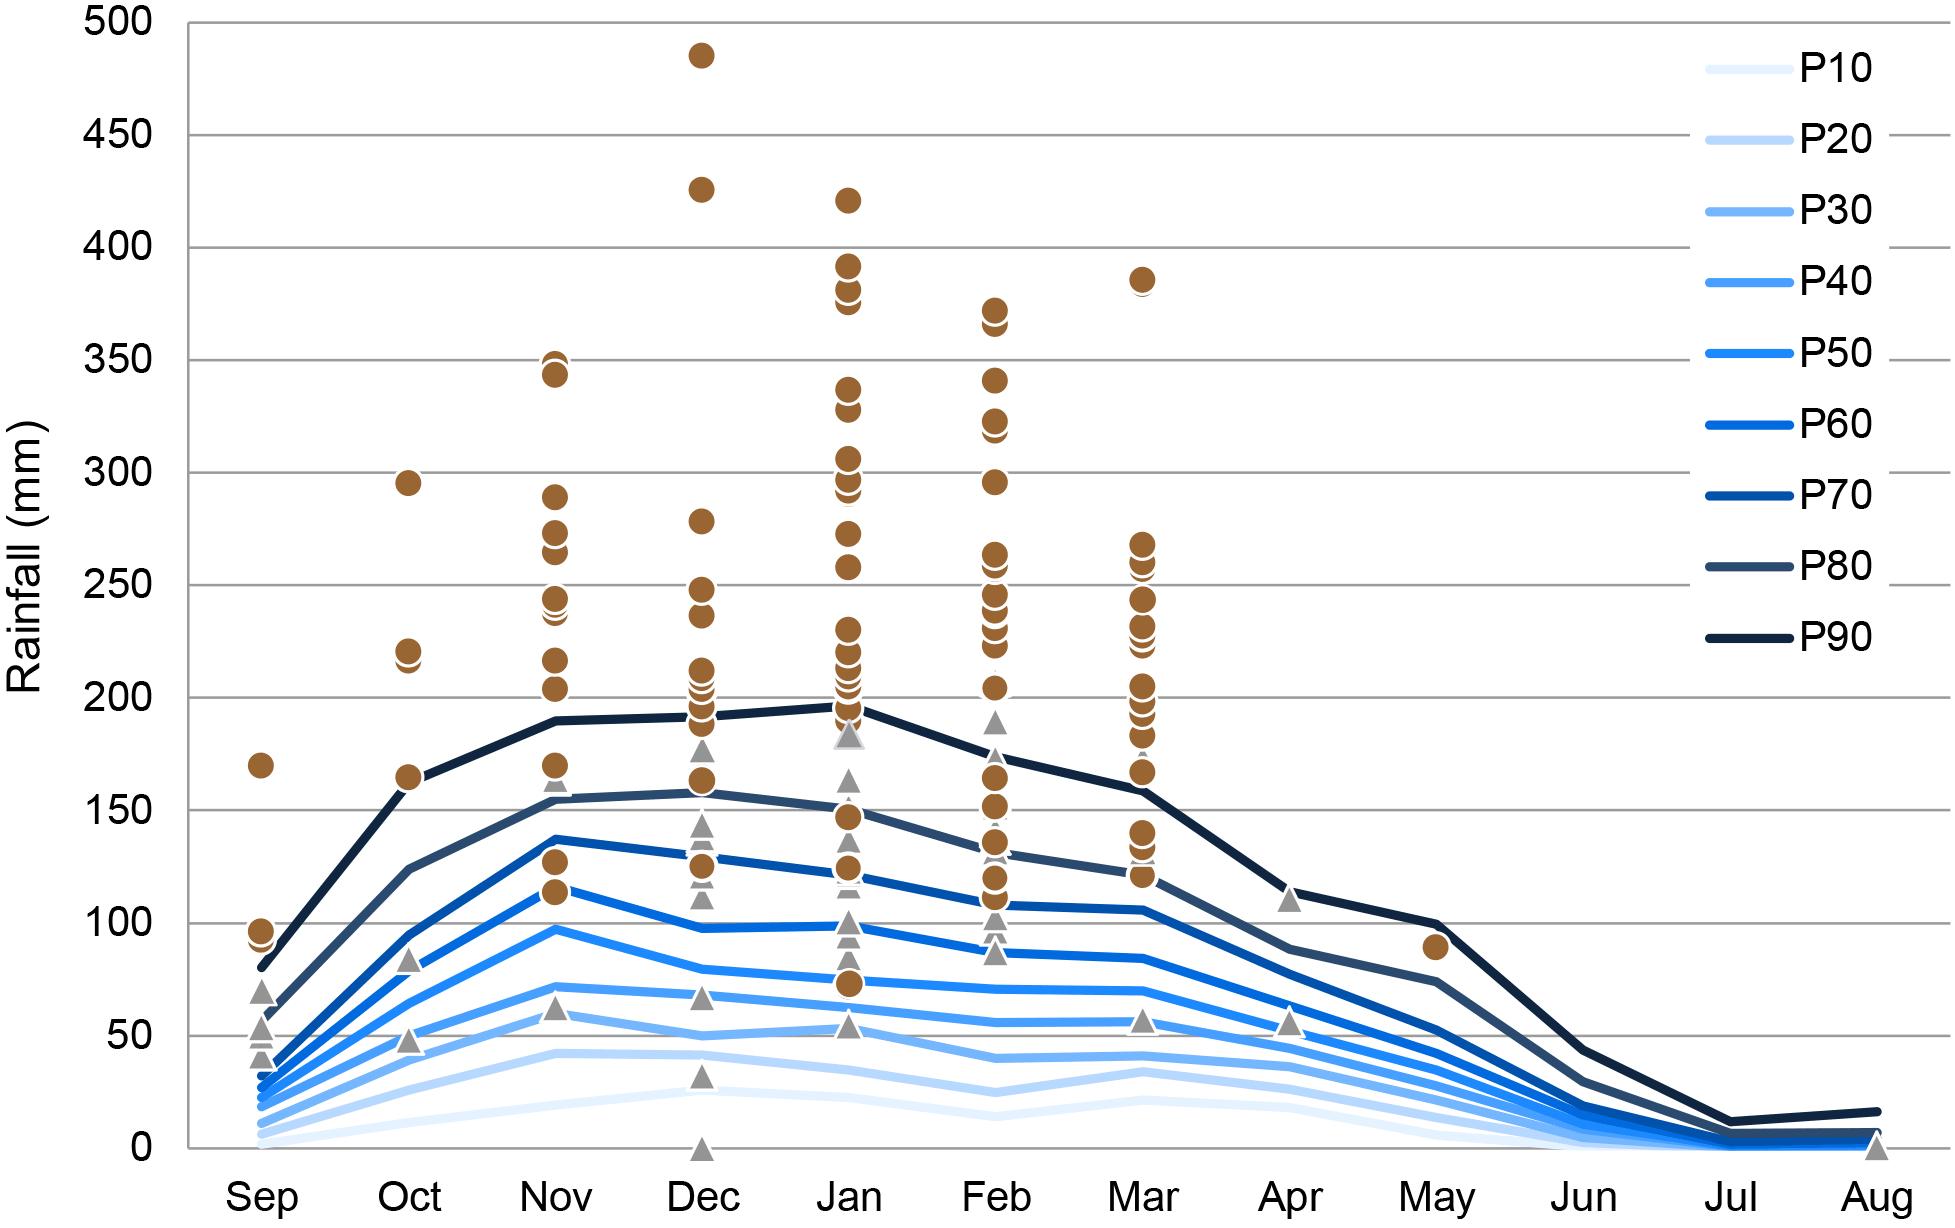 NHESS - Regional rainfall thresholds for landslide